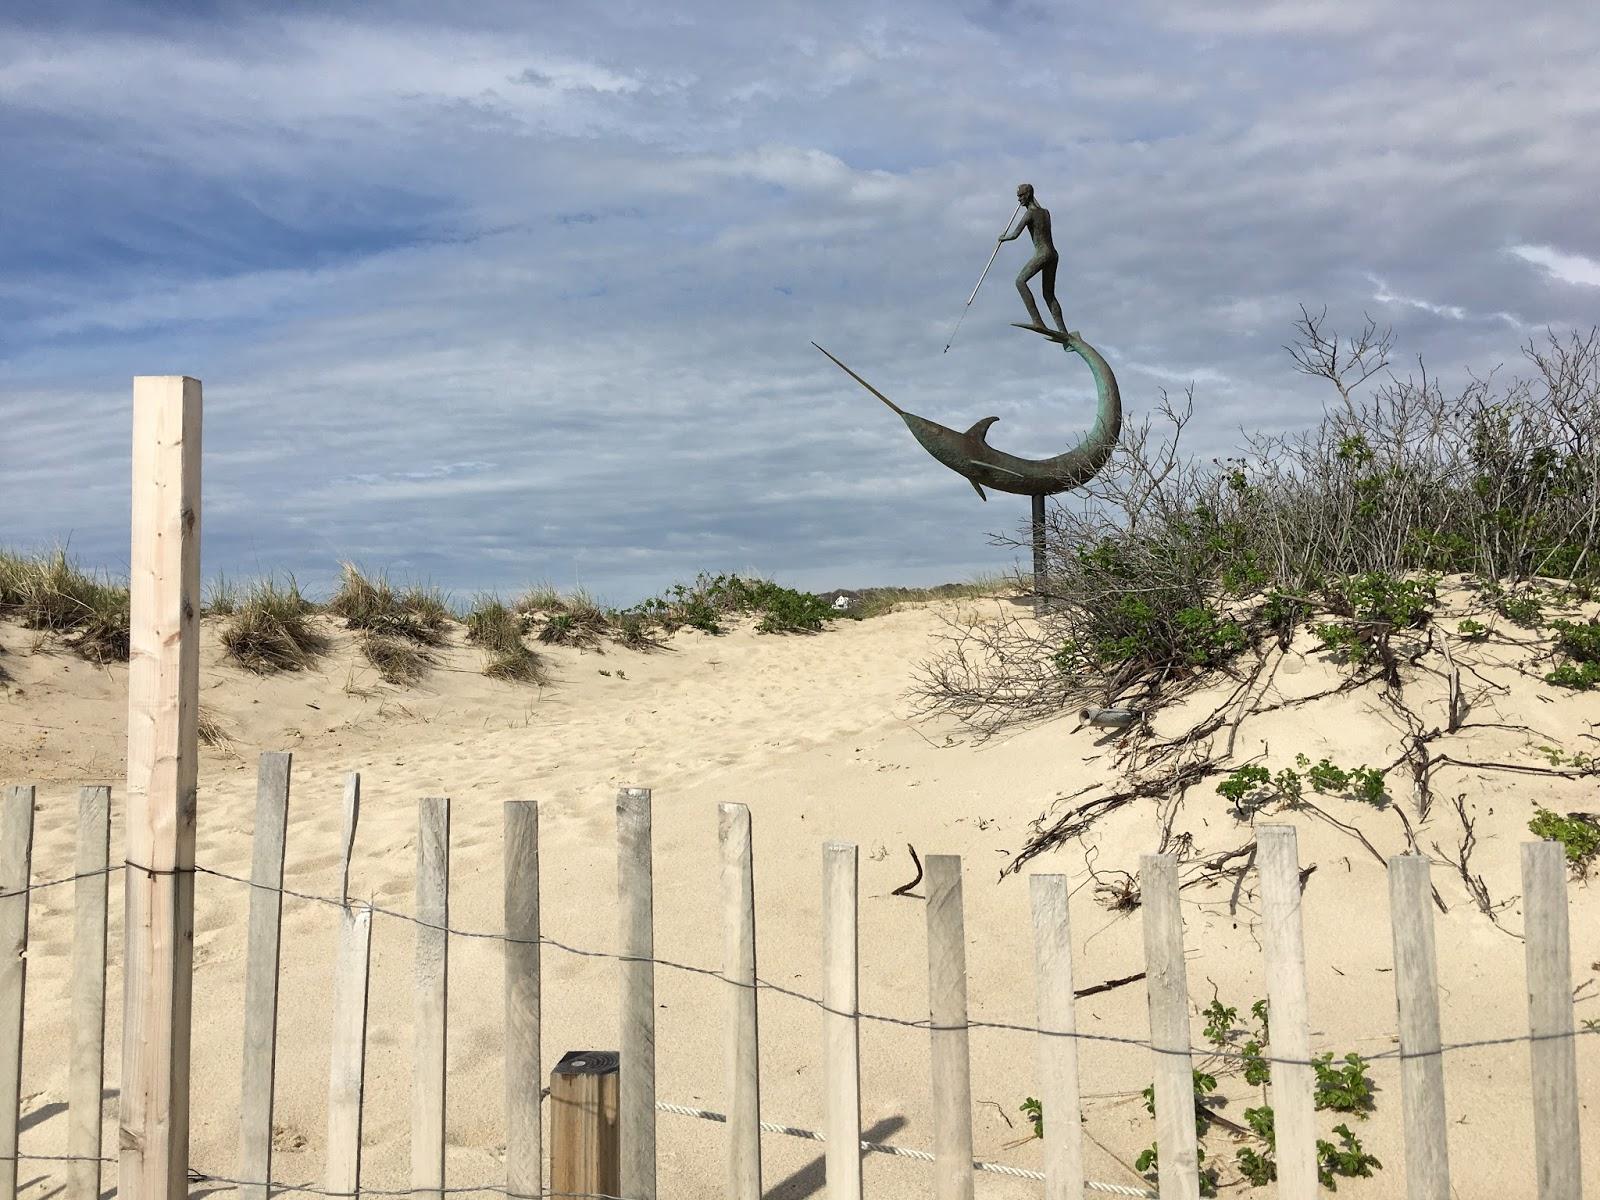 Beach Sculpture in Menemsha